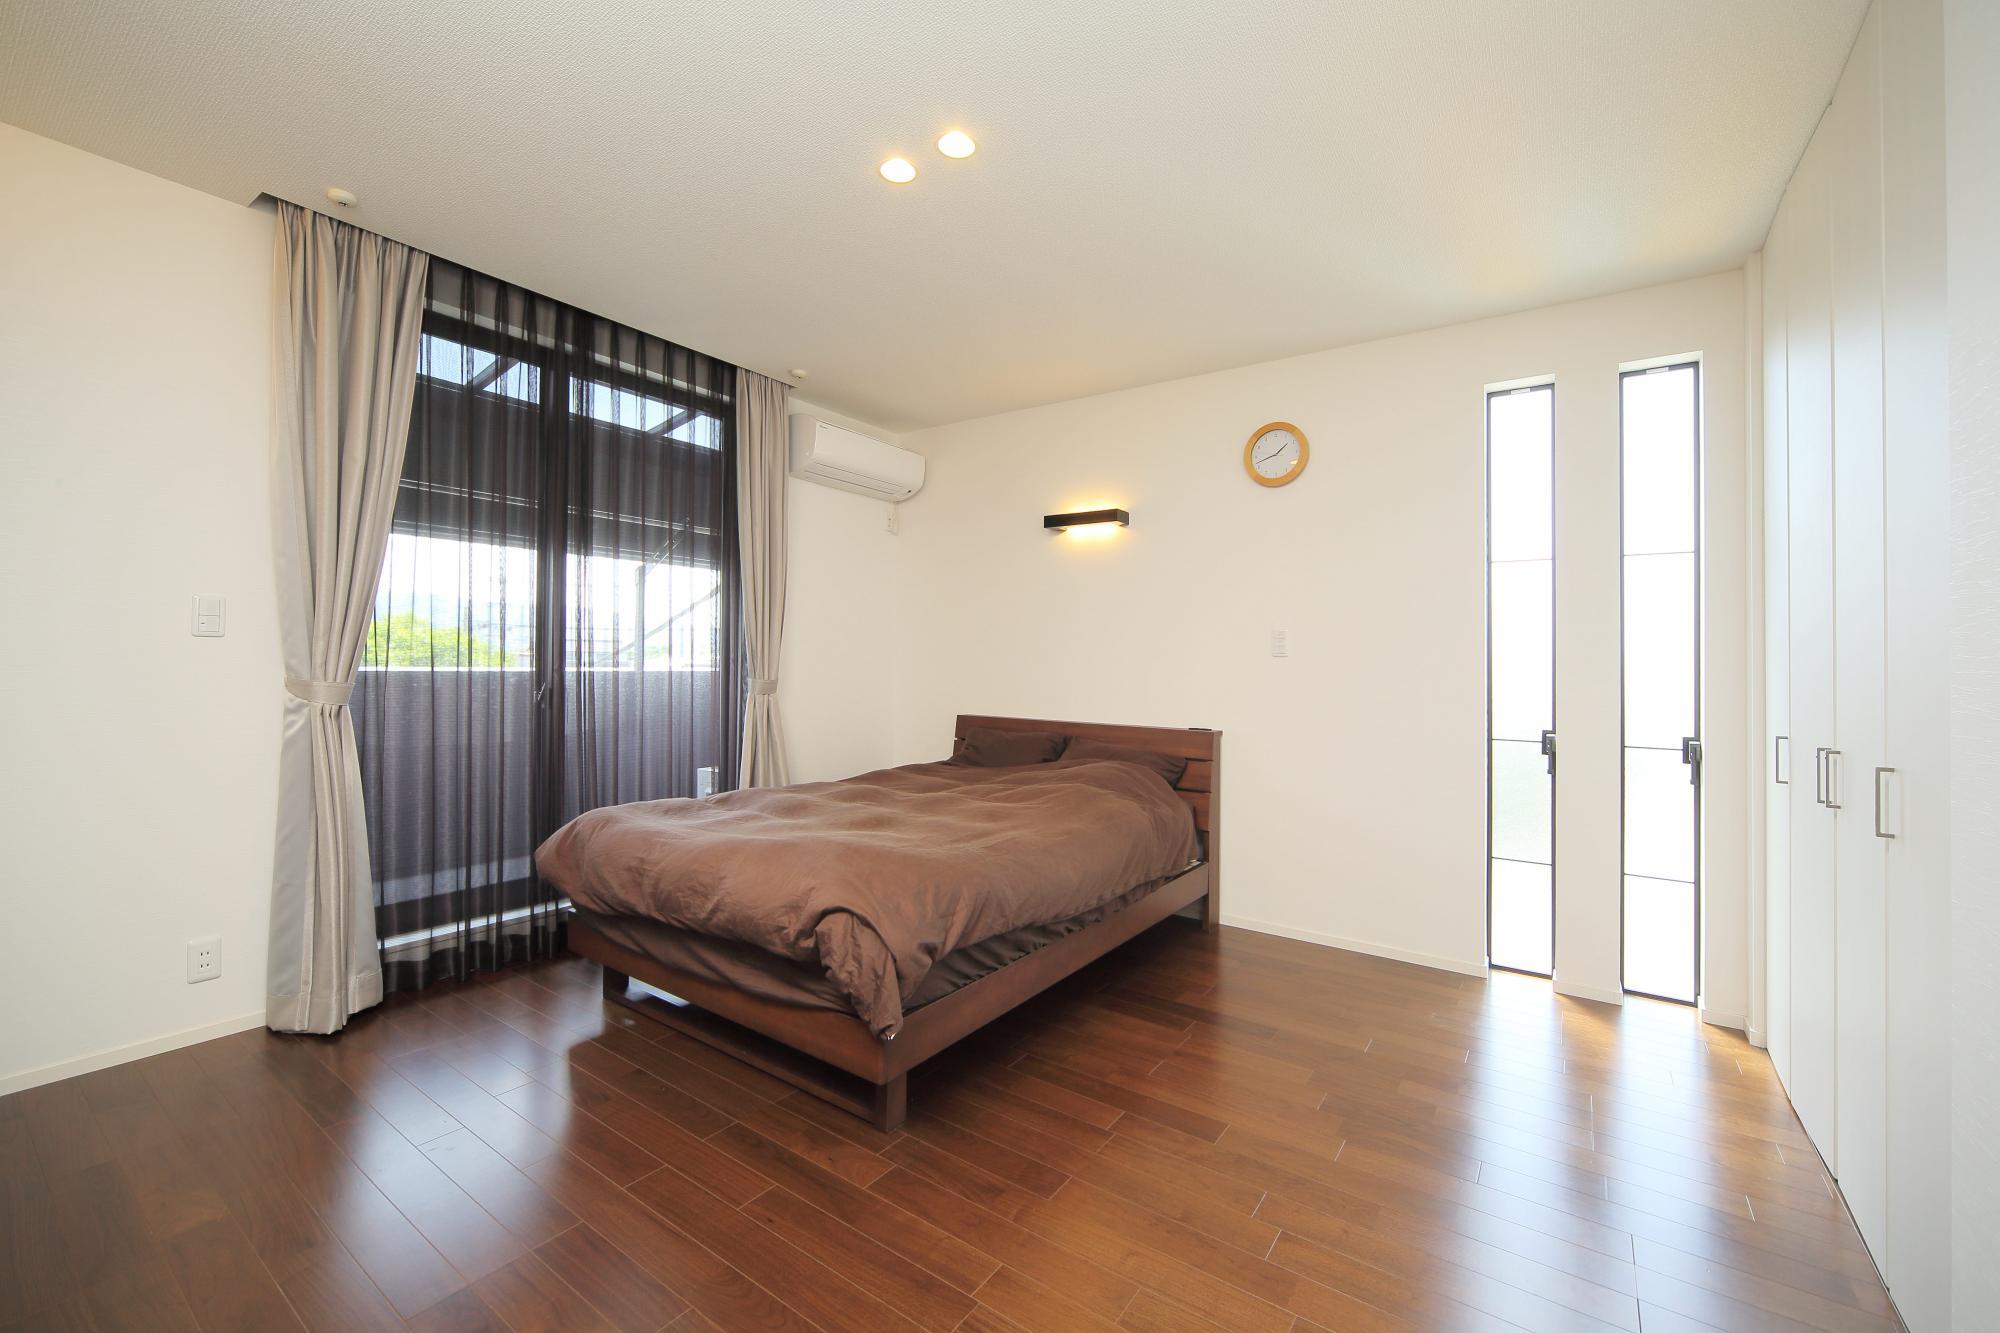 和室を洋室に変更してご夫婦の寝室に。新たに縦長のスリッド窓とクロゼットを設置した。